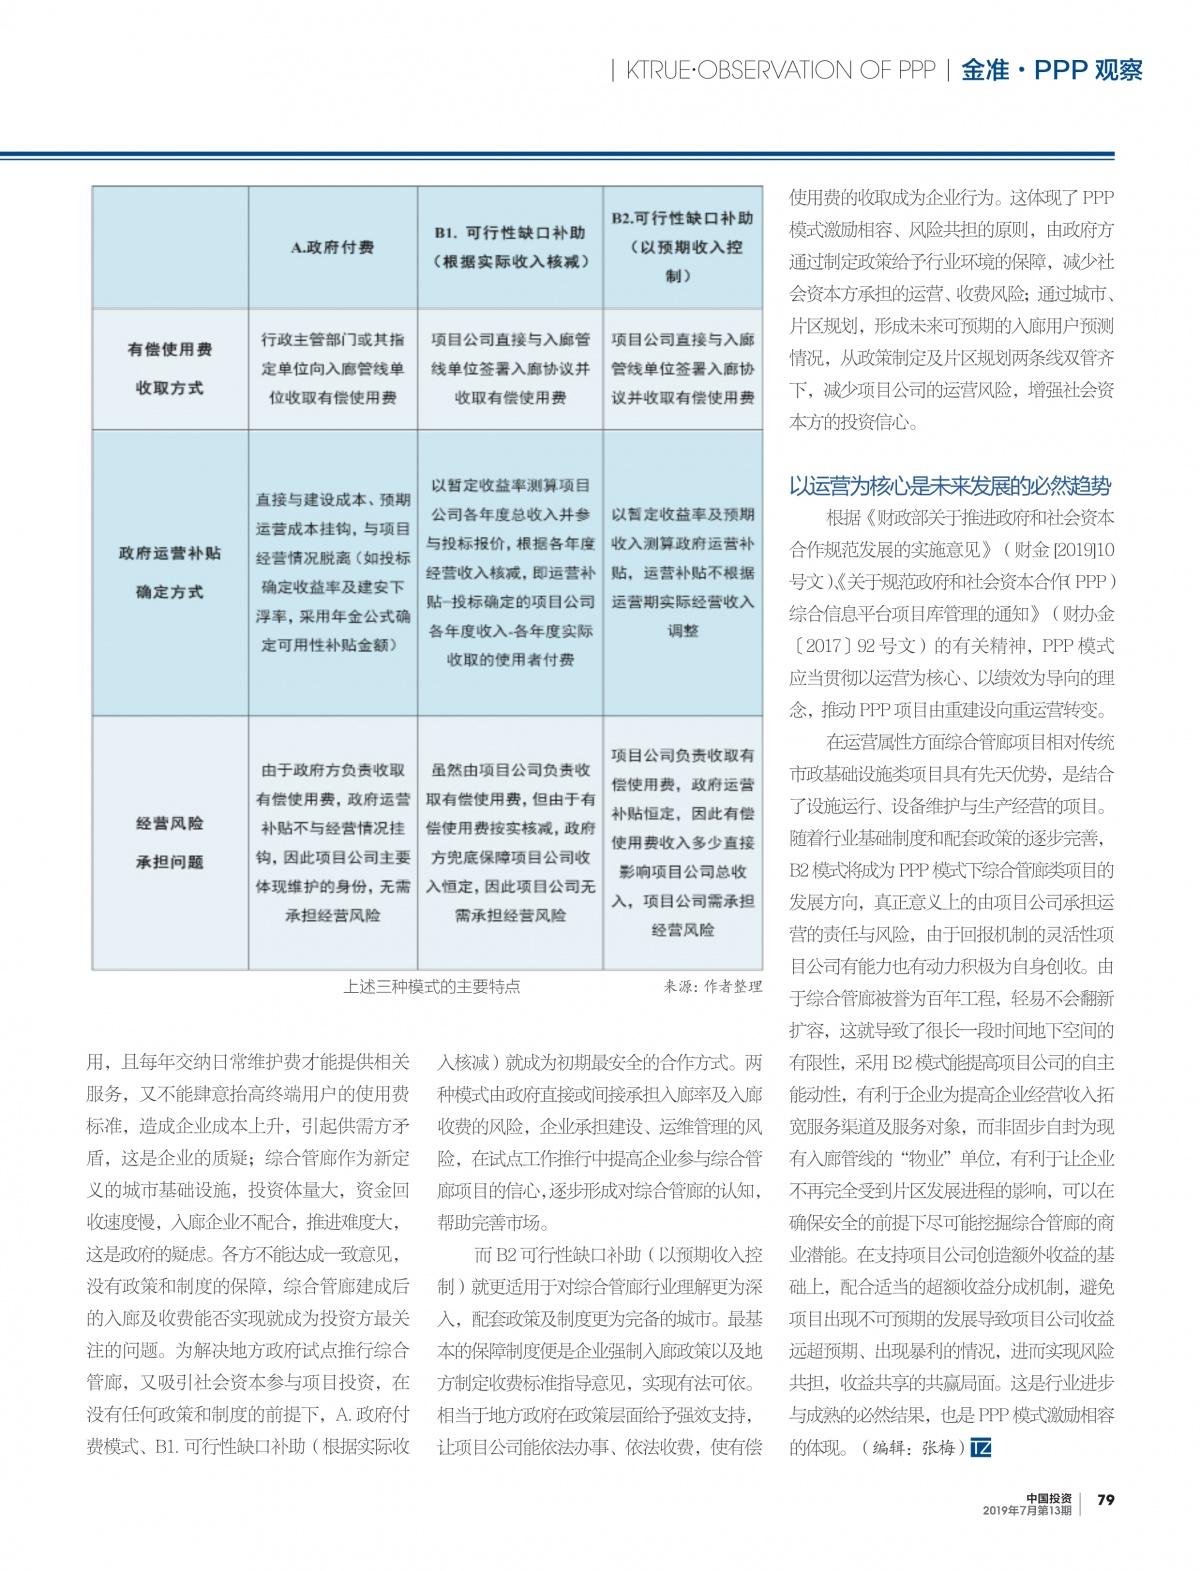 中国投资文章_2.jpg